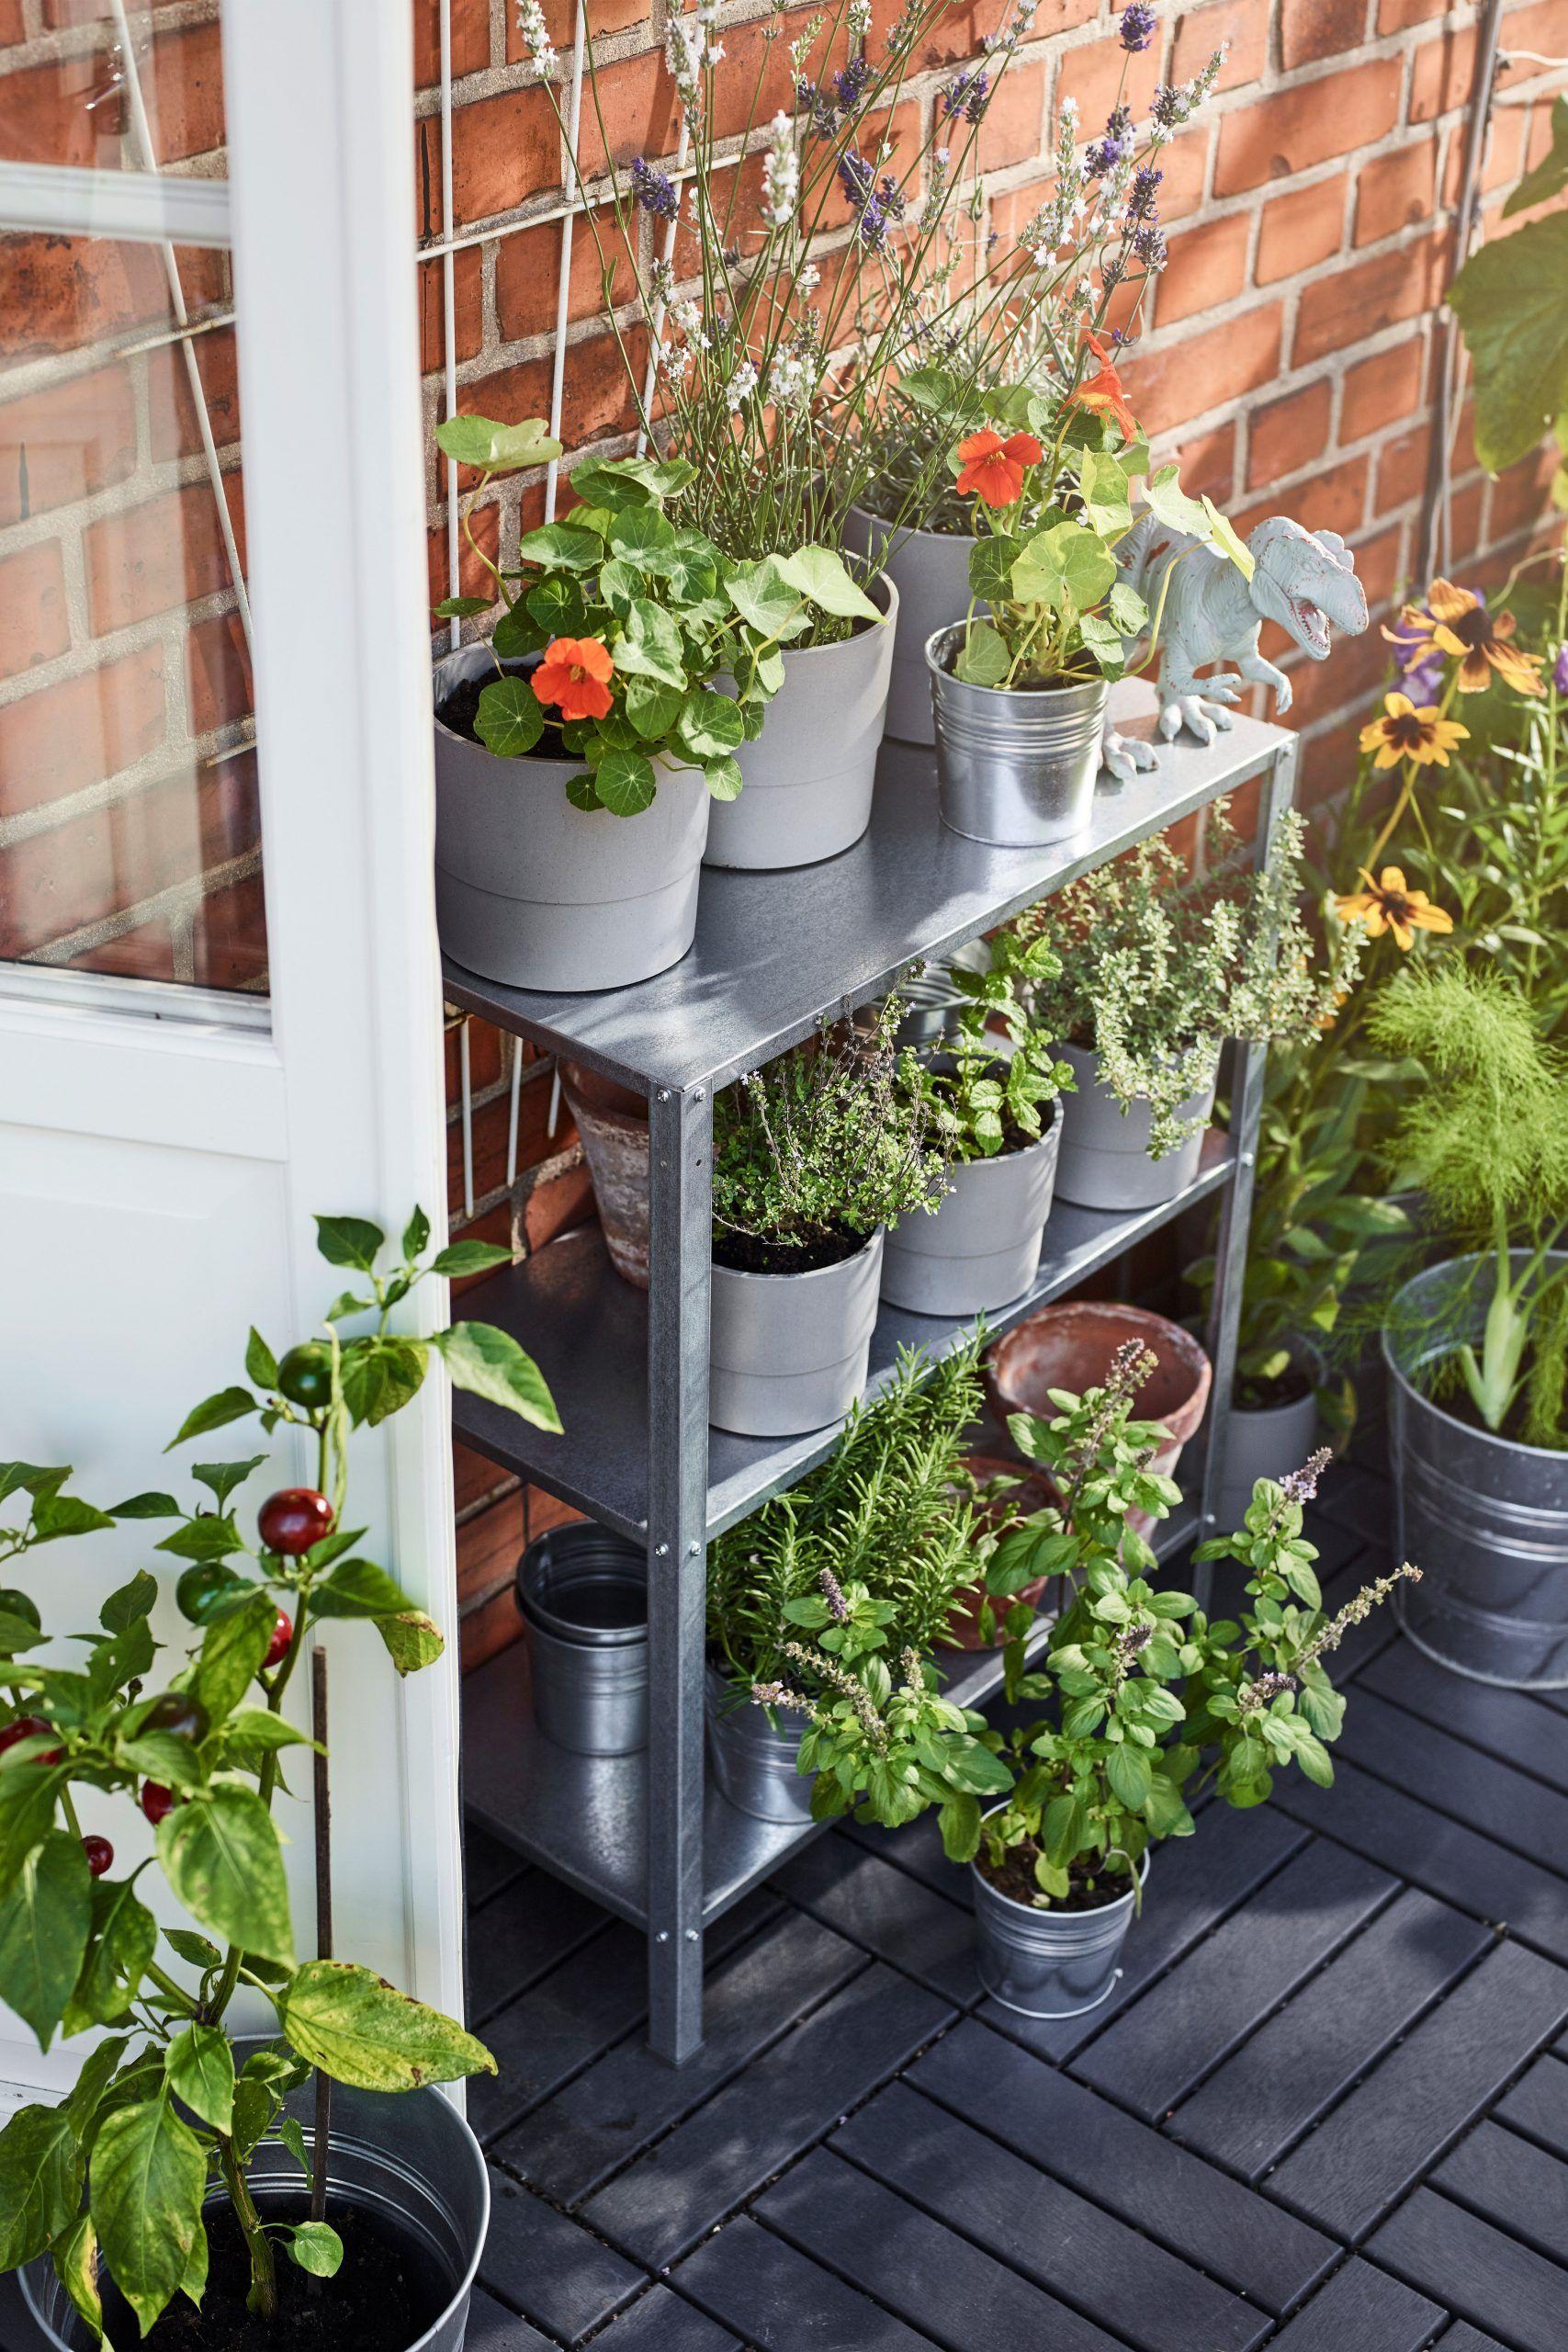 Ikea Germany In 2020 Outdoor Patio Decor Indoor Garden Recycled Planters